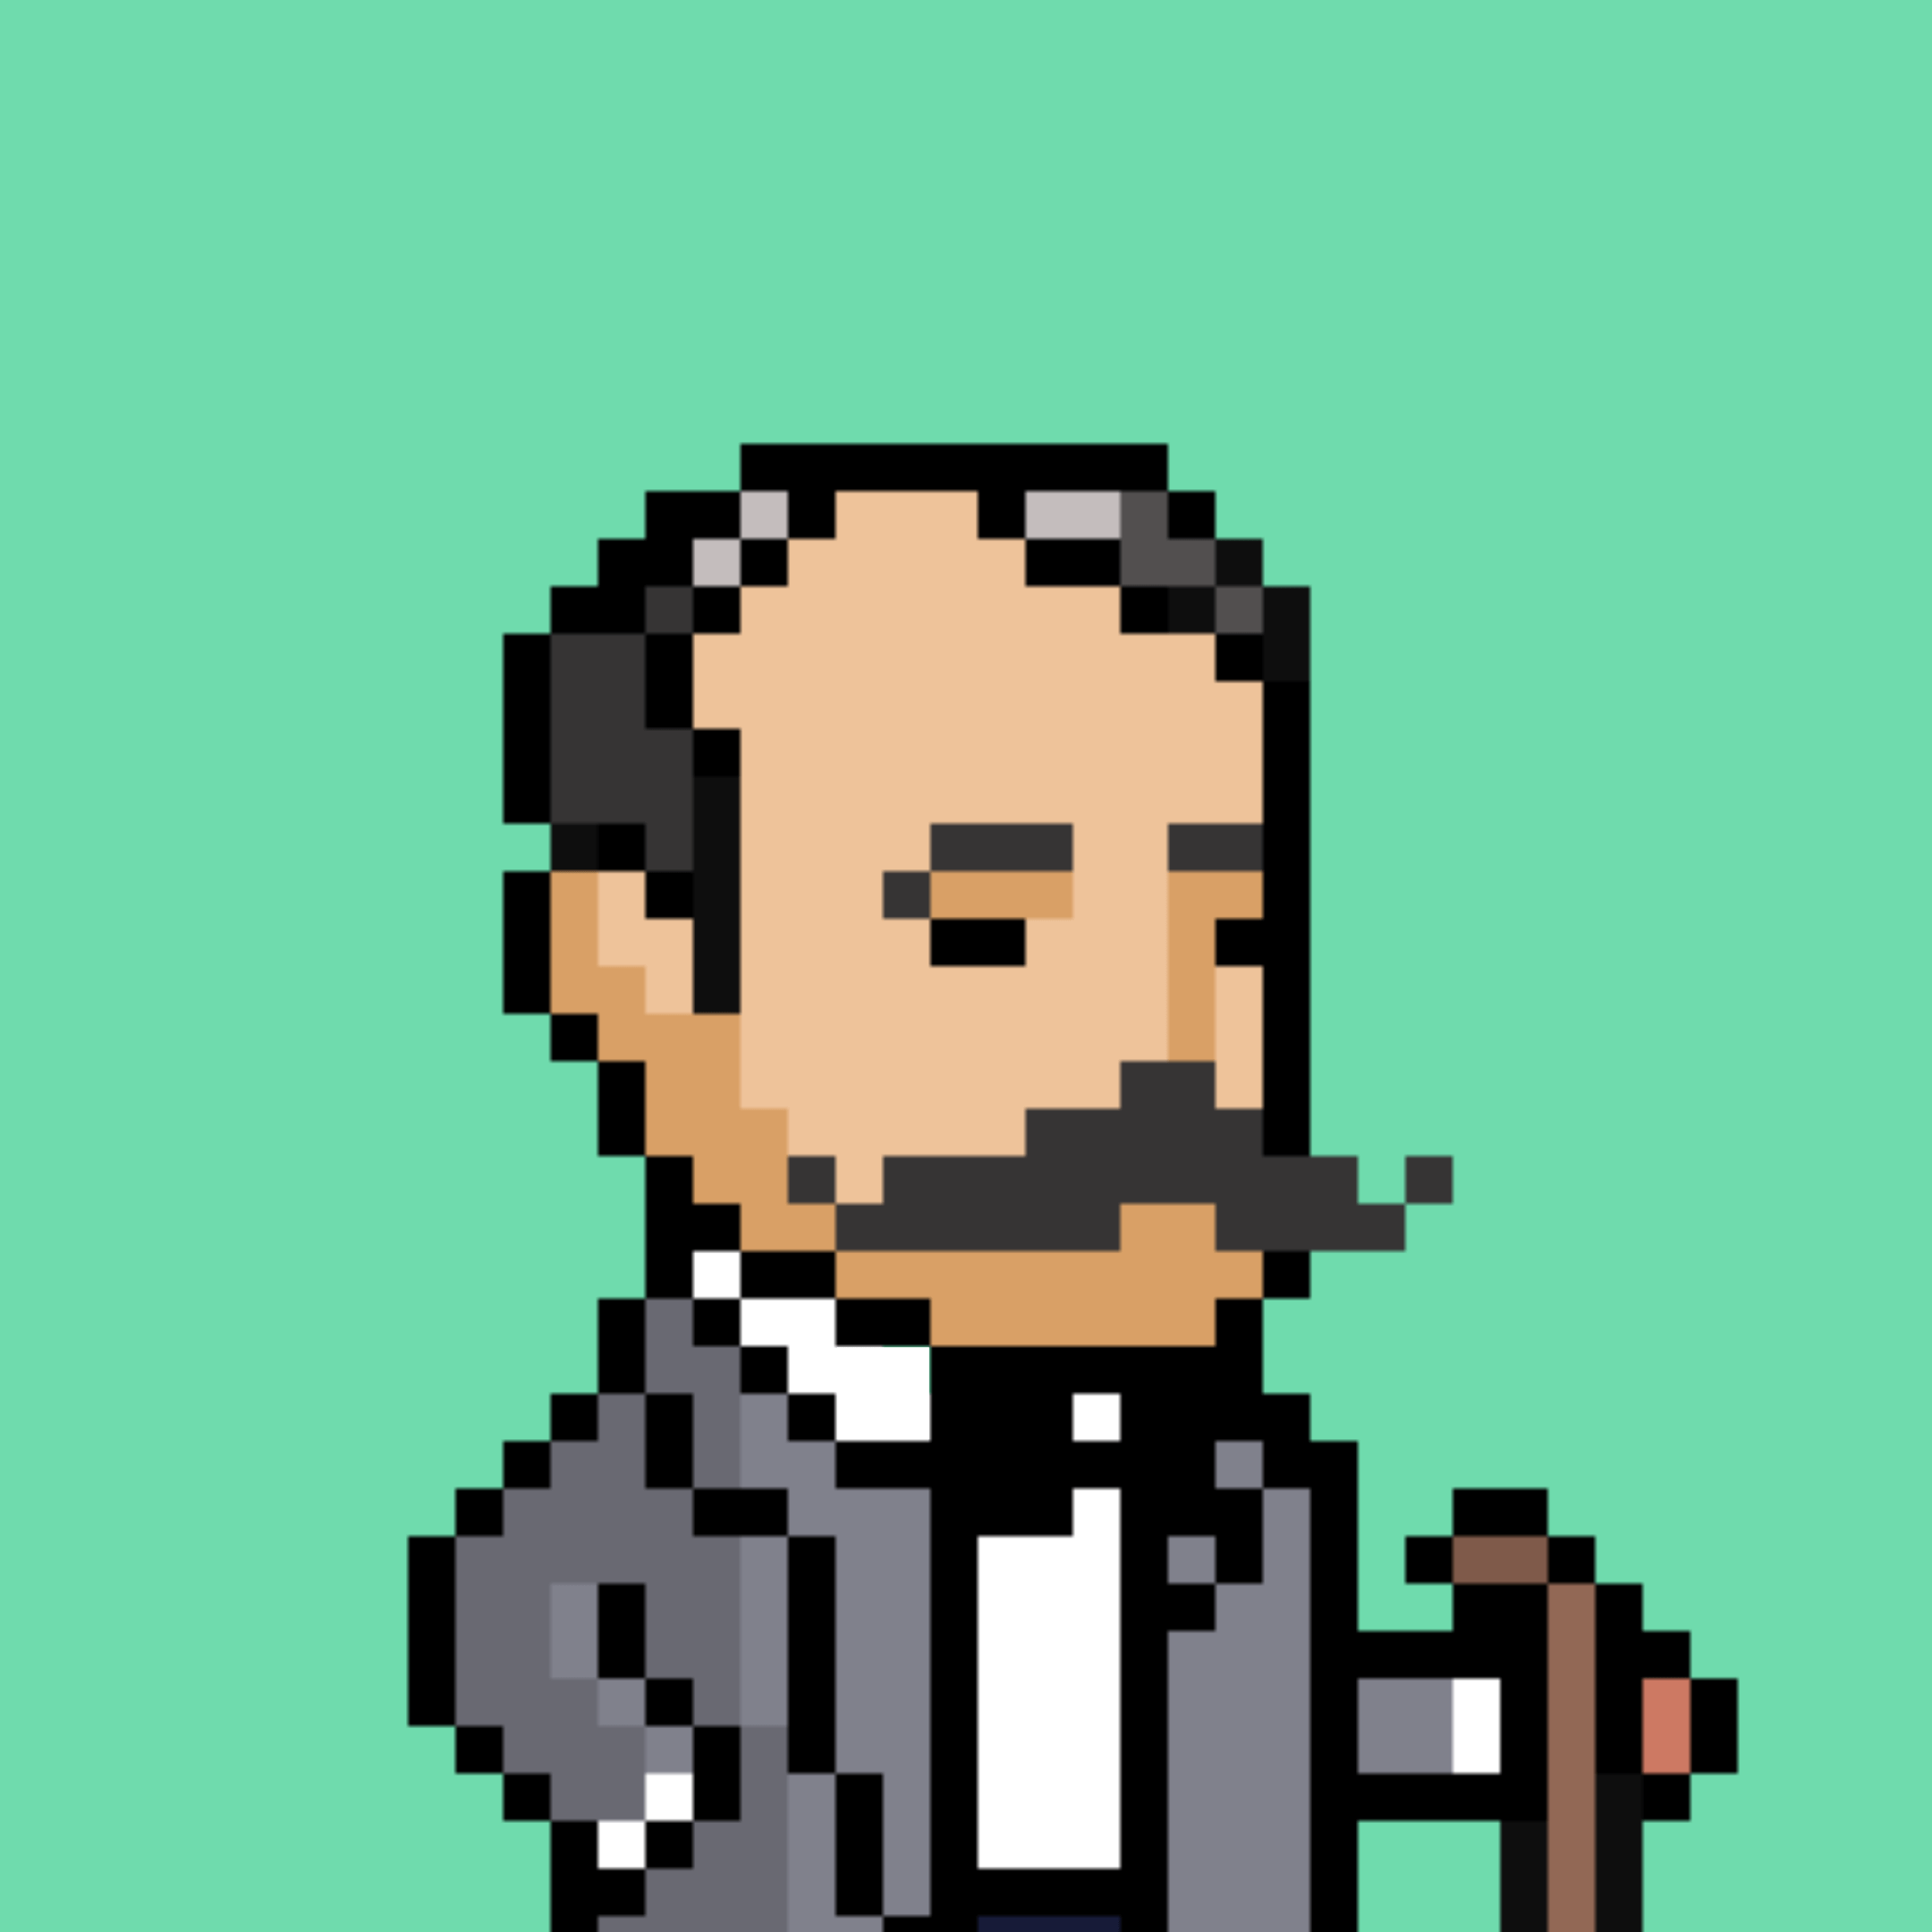 Edward Elgar in pixel format